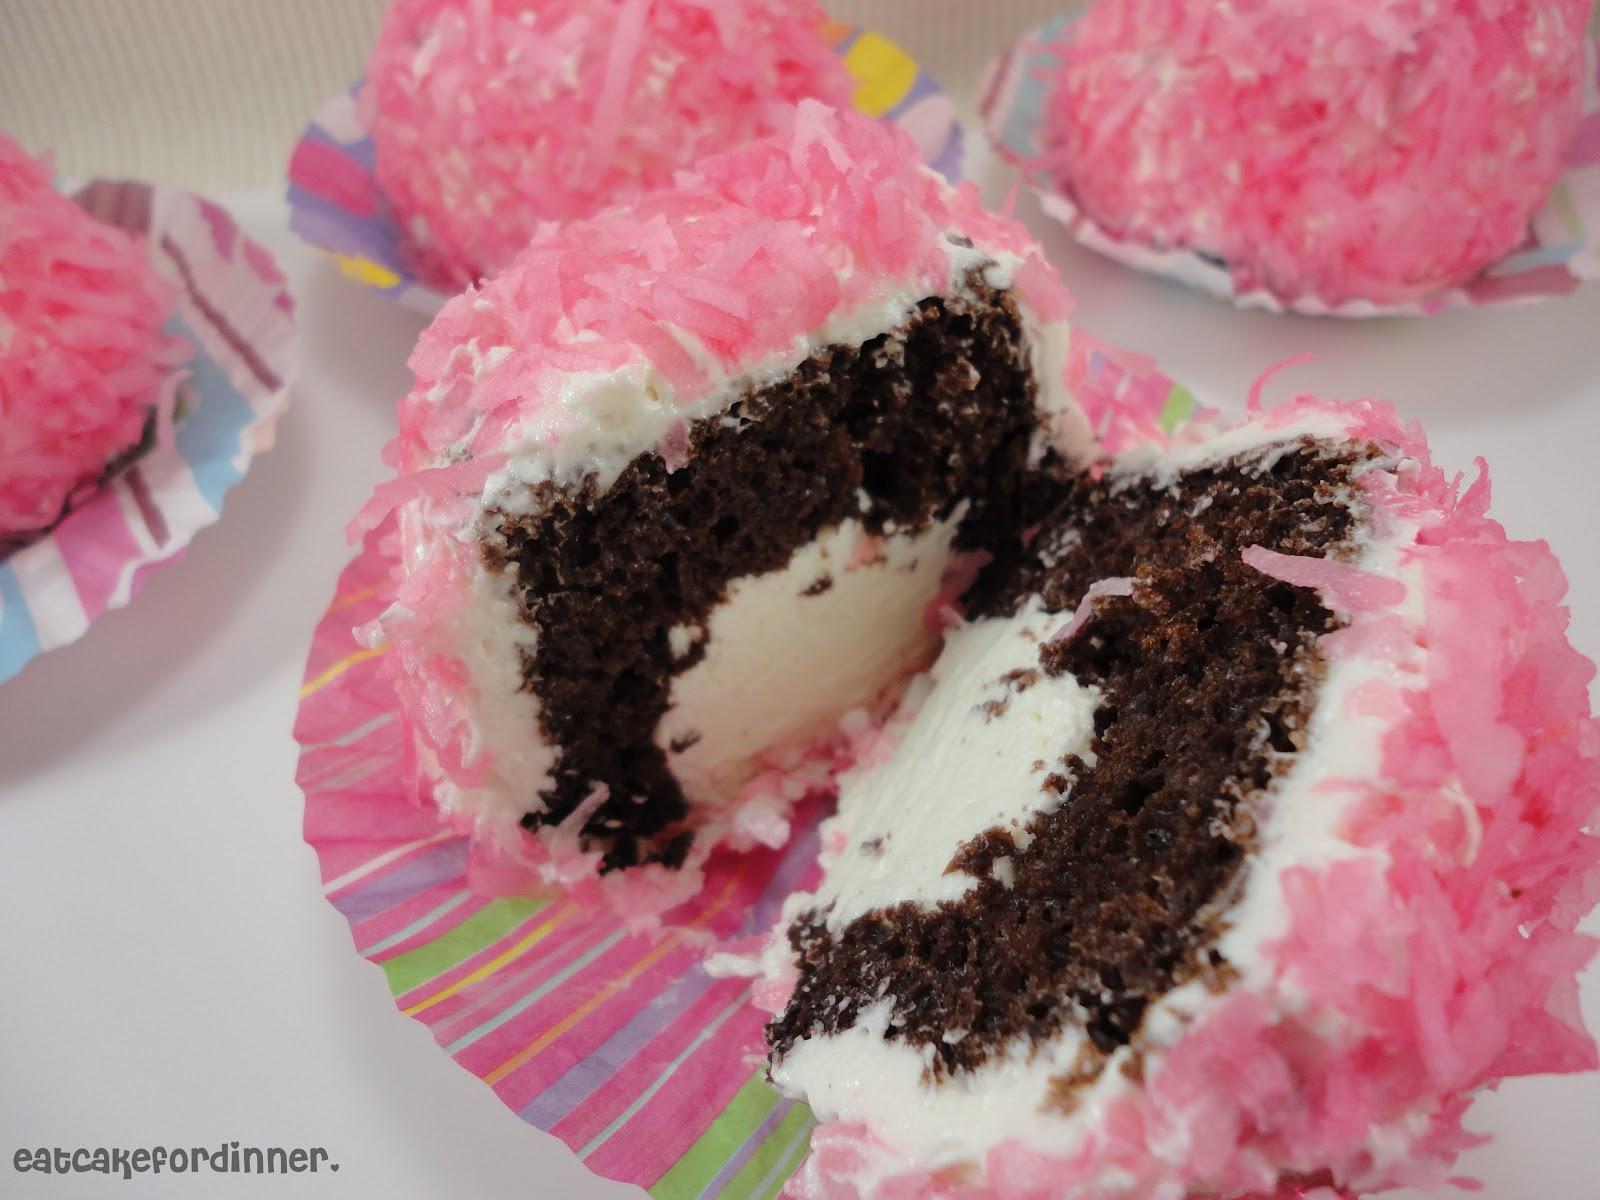 Eat Cake For Dinner: Homemade Sno Balls